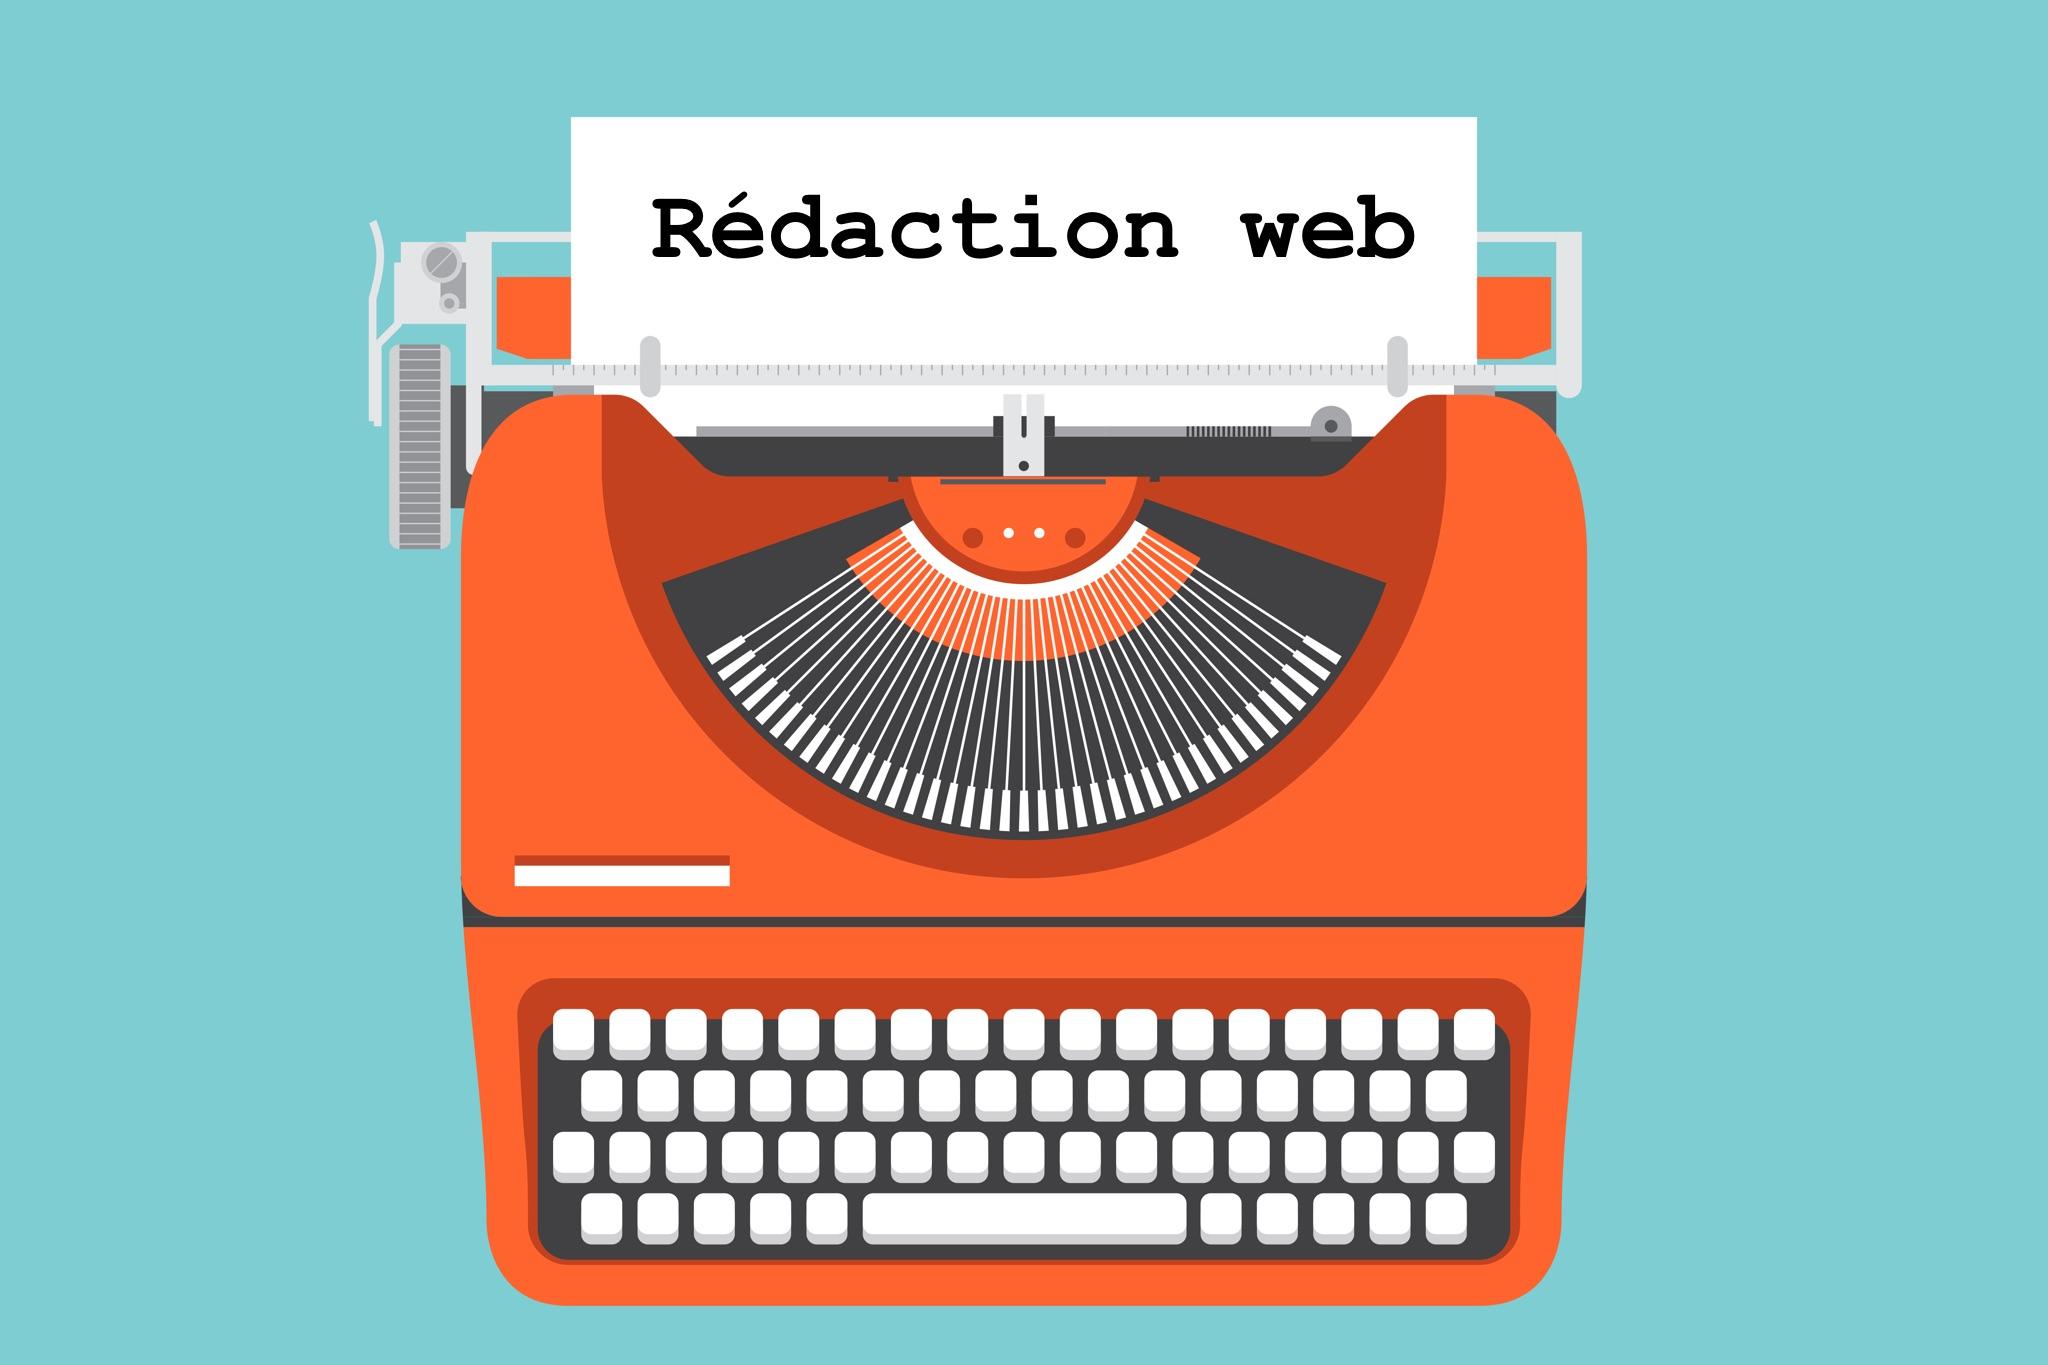 Les différentes étapes pour rédiger son contenu web